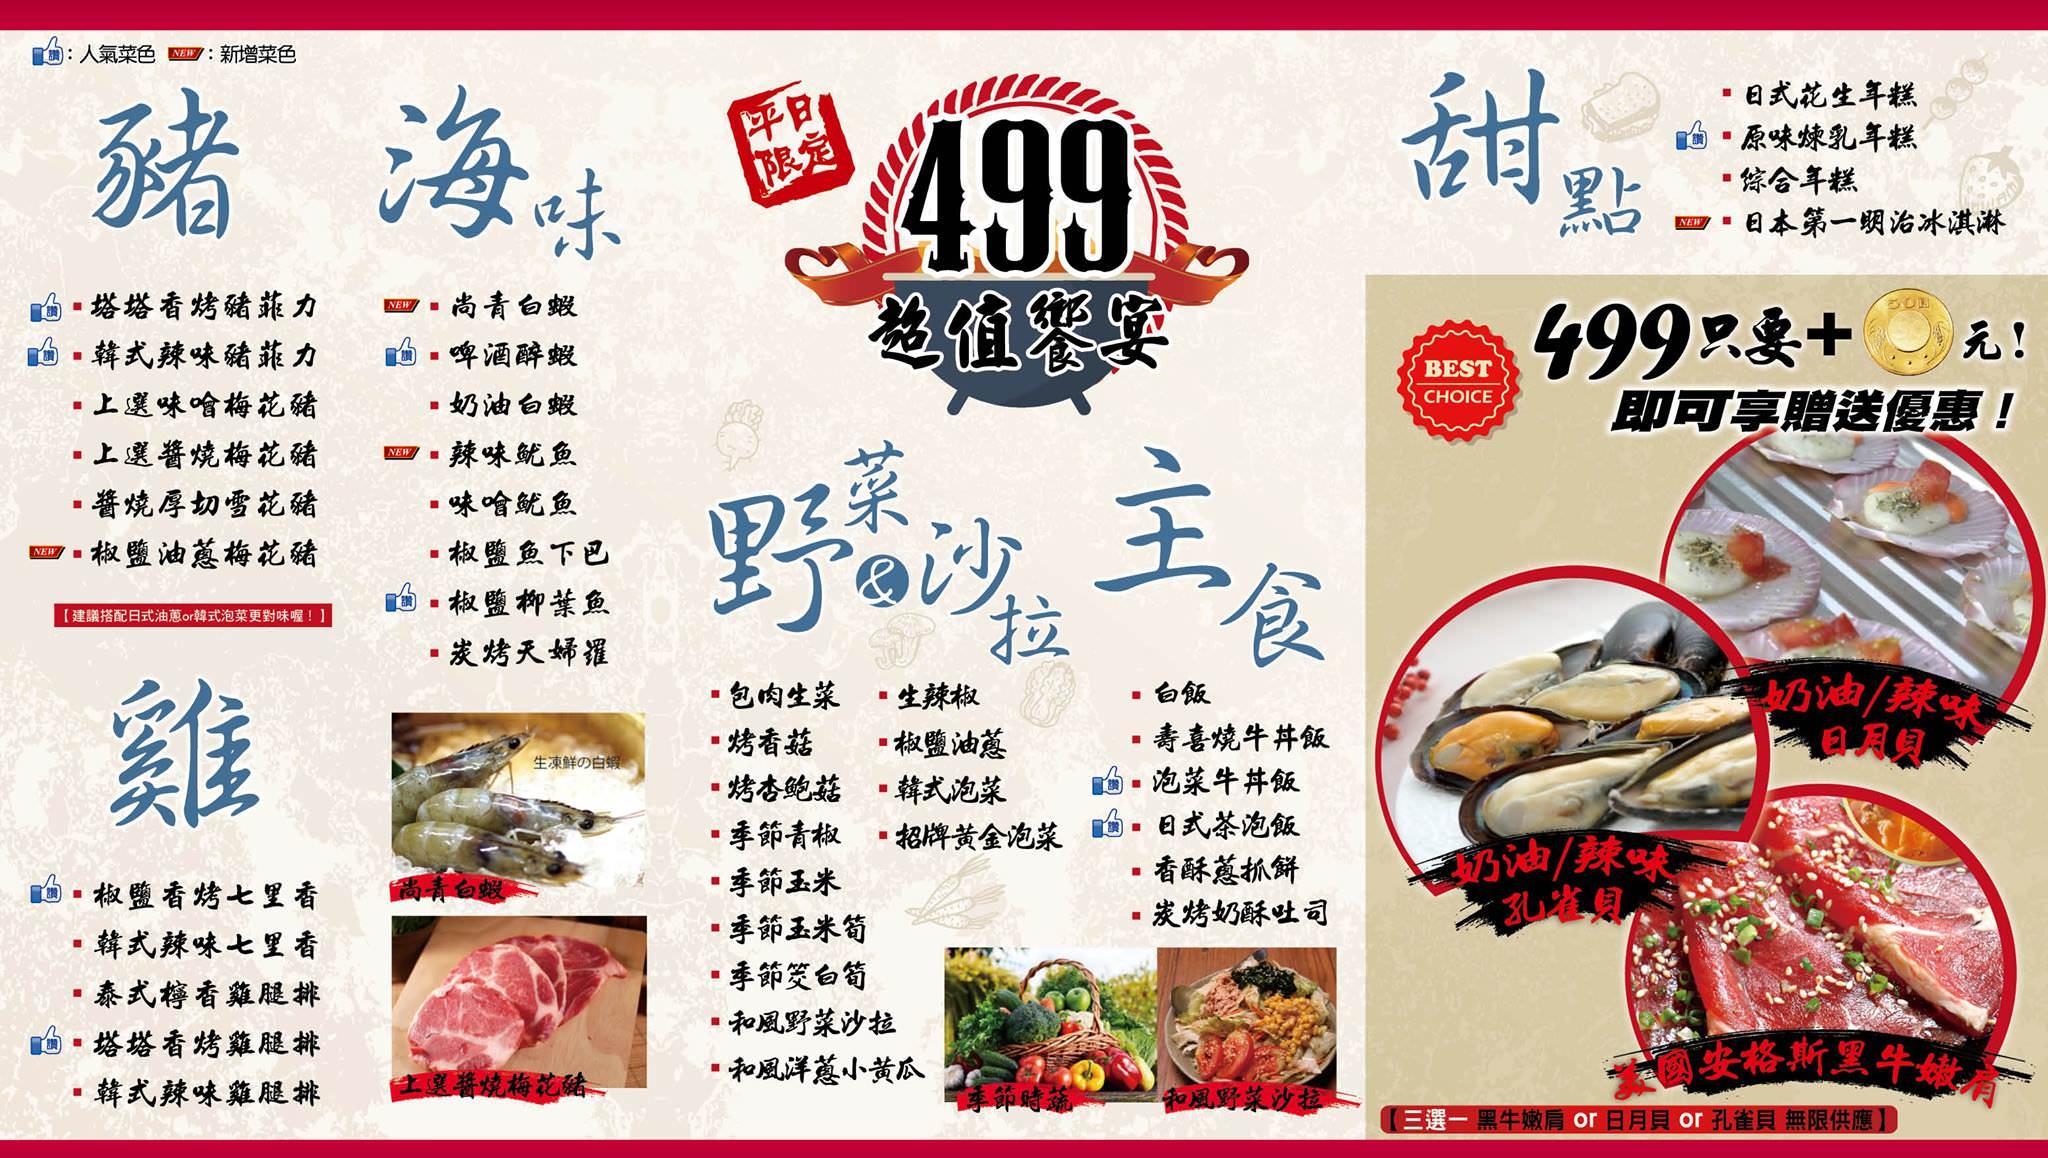 20181027225722 81 - 熱血採訪[樹林美食]燒肉眾-精緻炭火燒肉 海鮮燒肉吃到飽 還有超巨大龍蝦大軍 優質桌邊烤肉服務 最幸福的吃燒肉時光